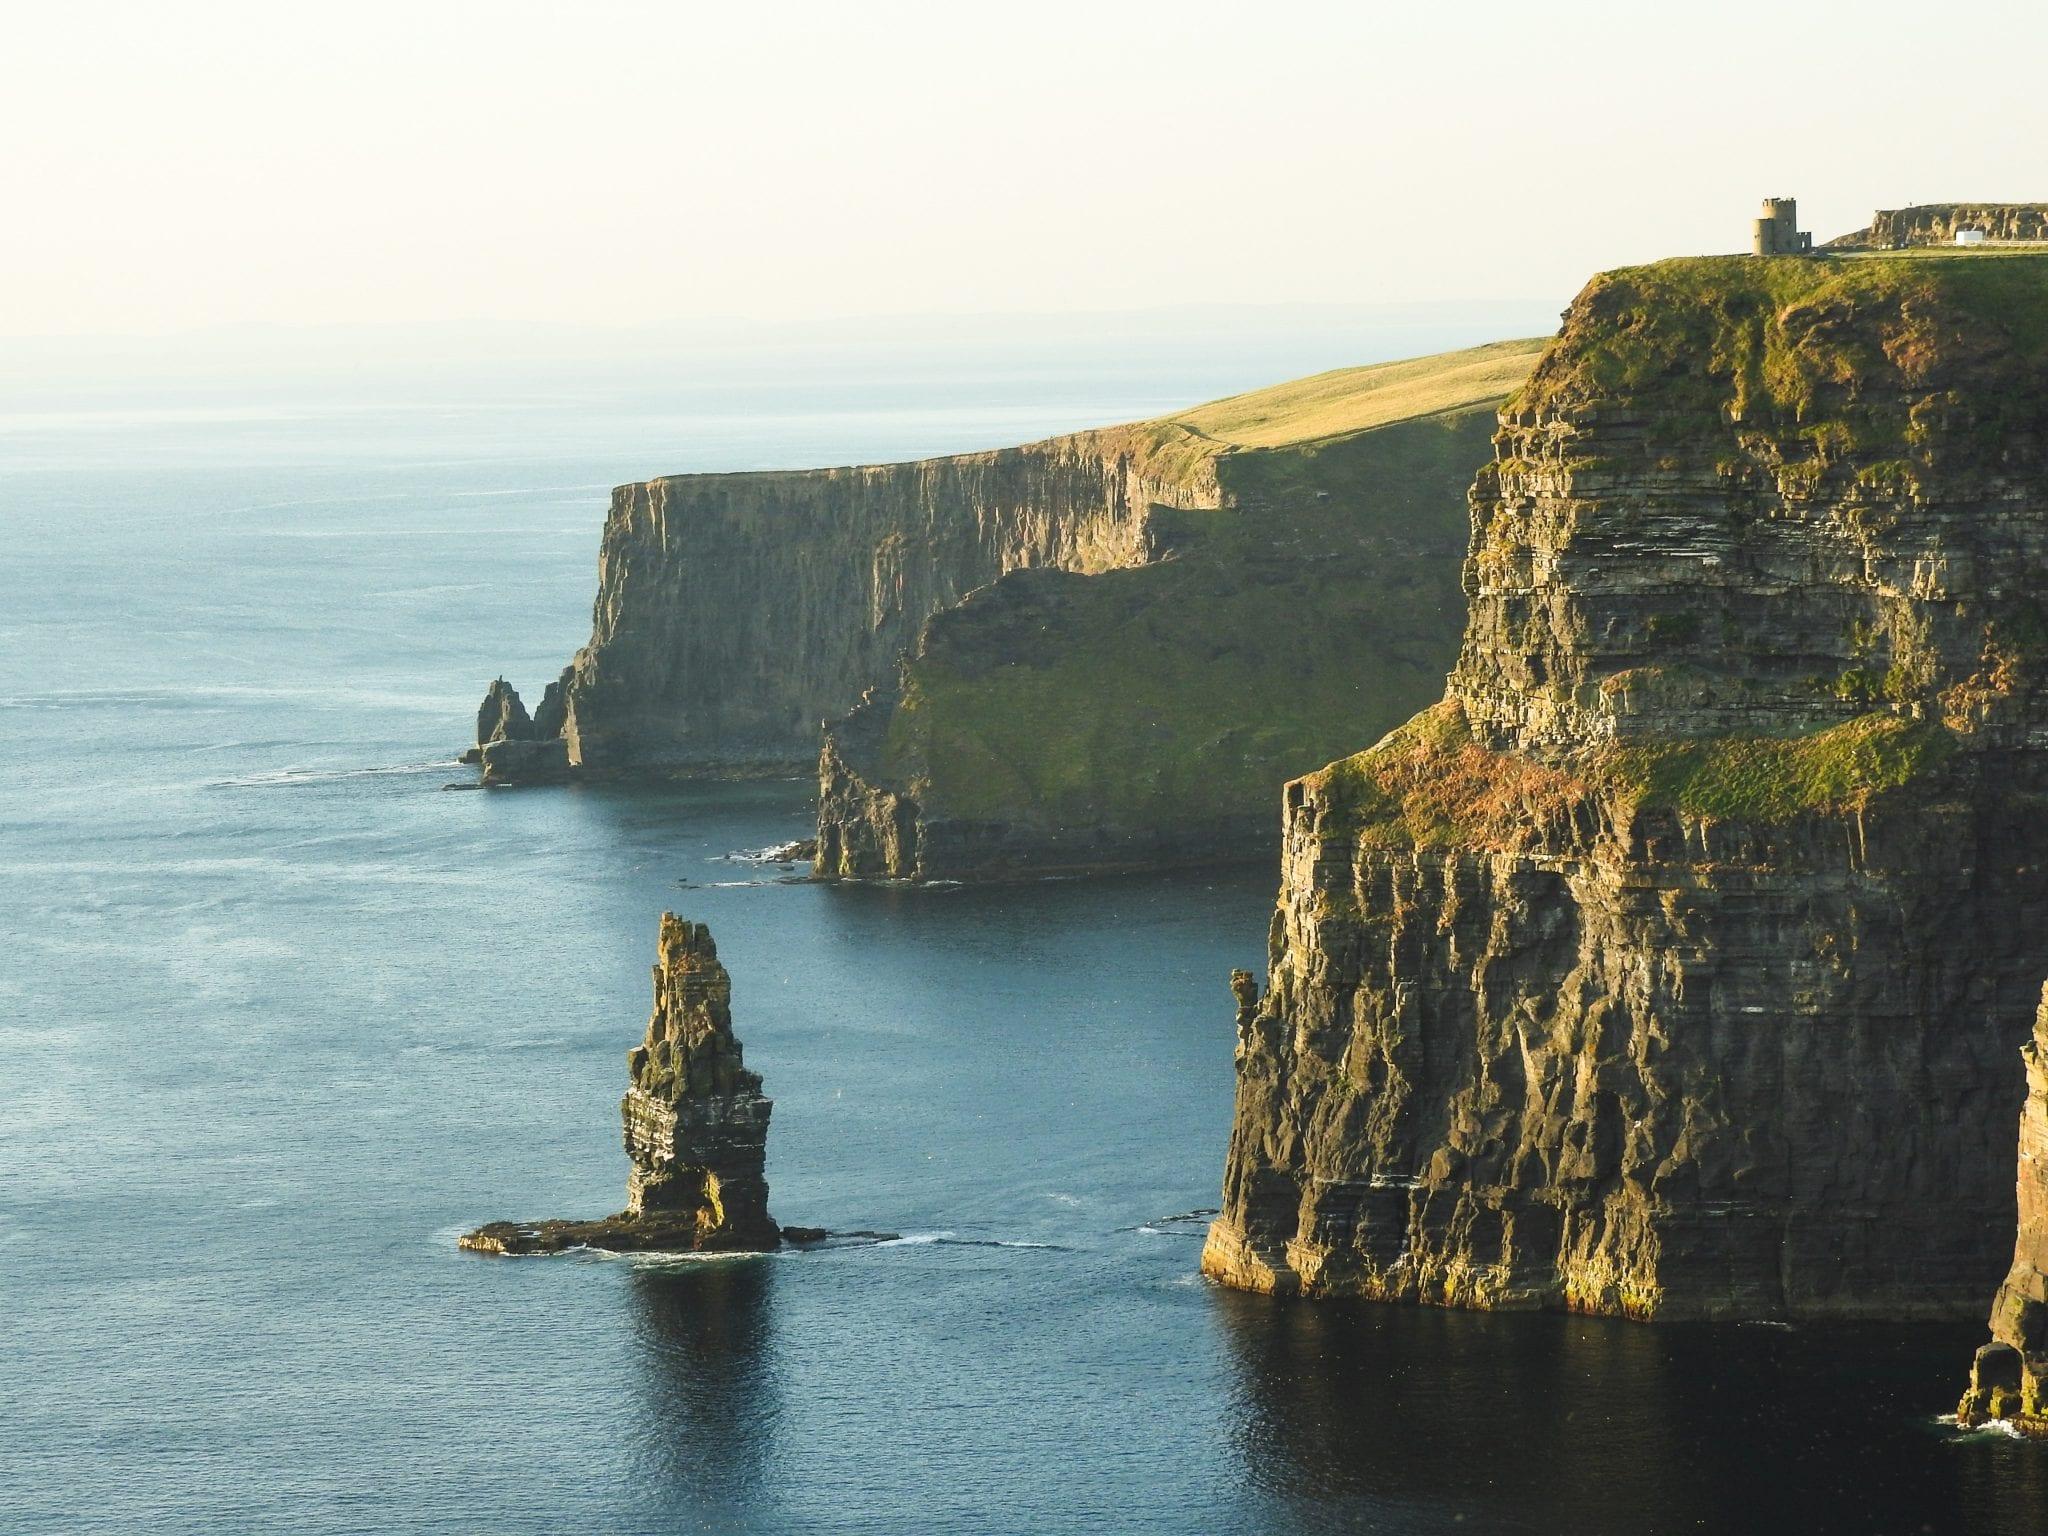 cliffs of moher ireland cliffs ocean